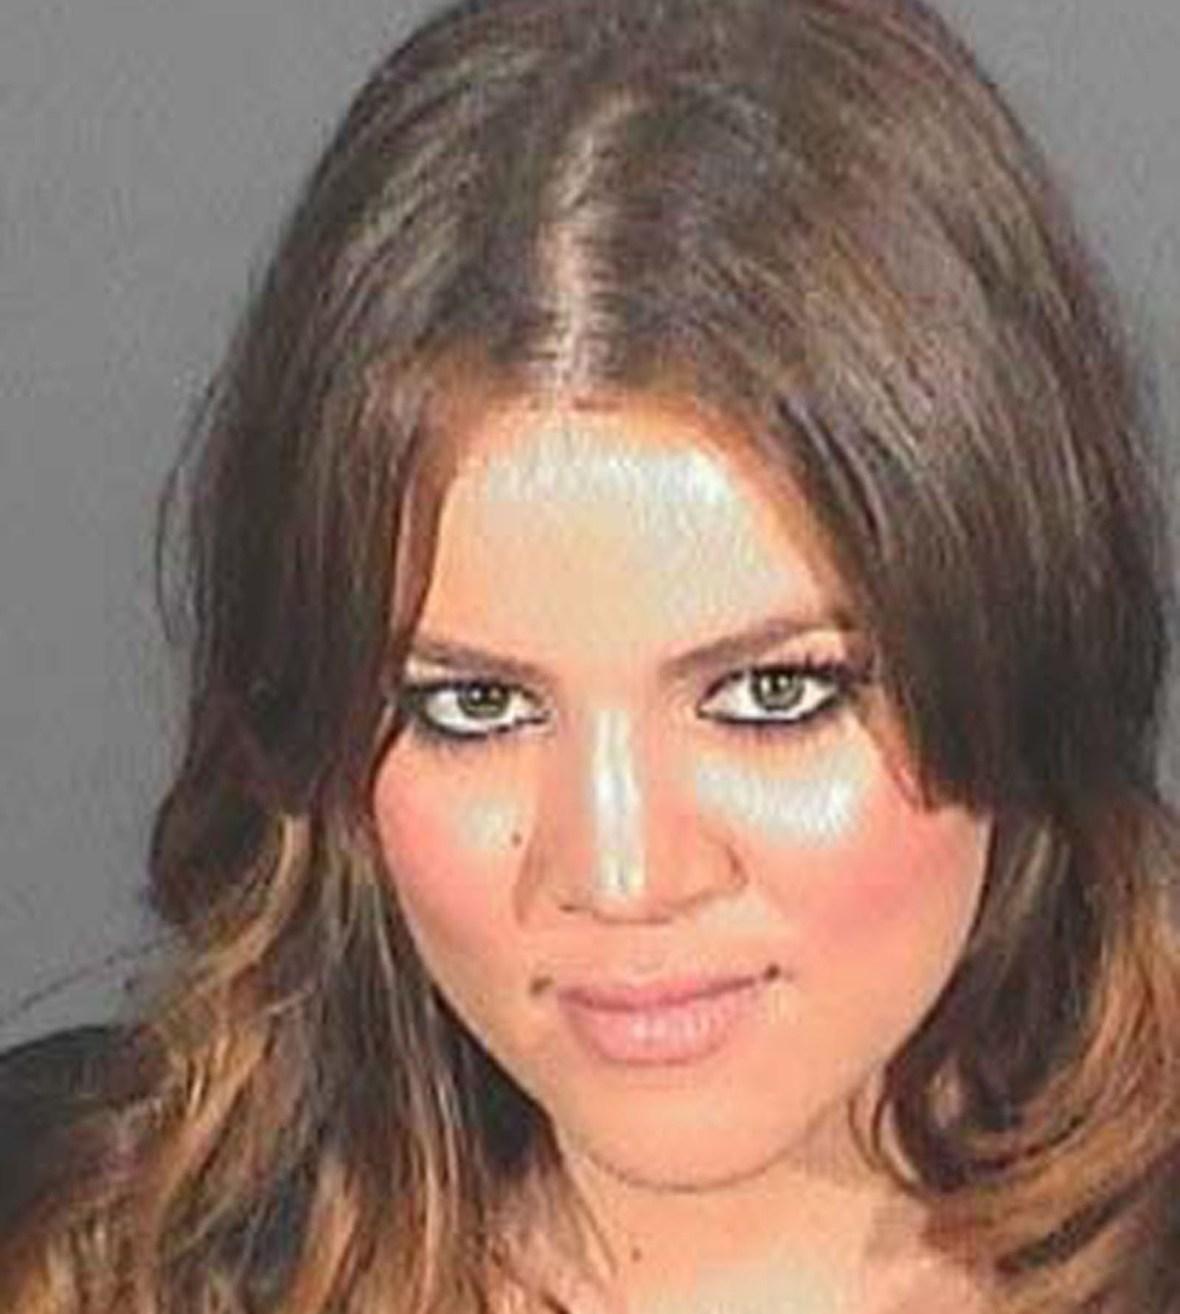 khloé kardashian mug shot splash